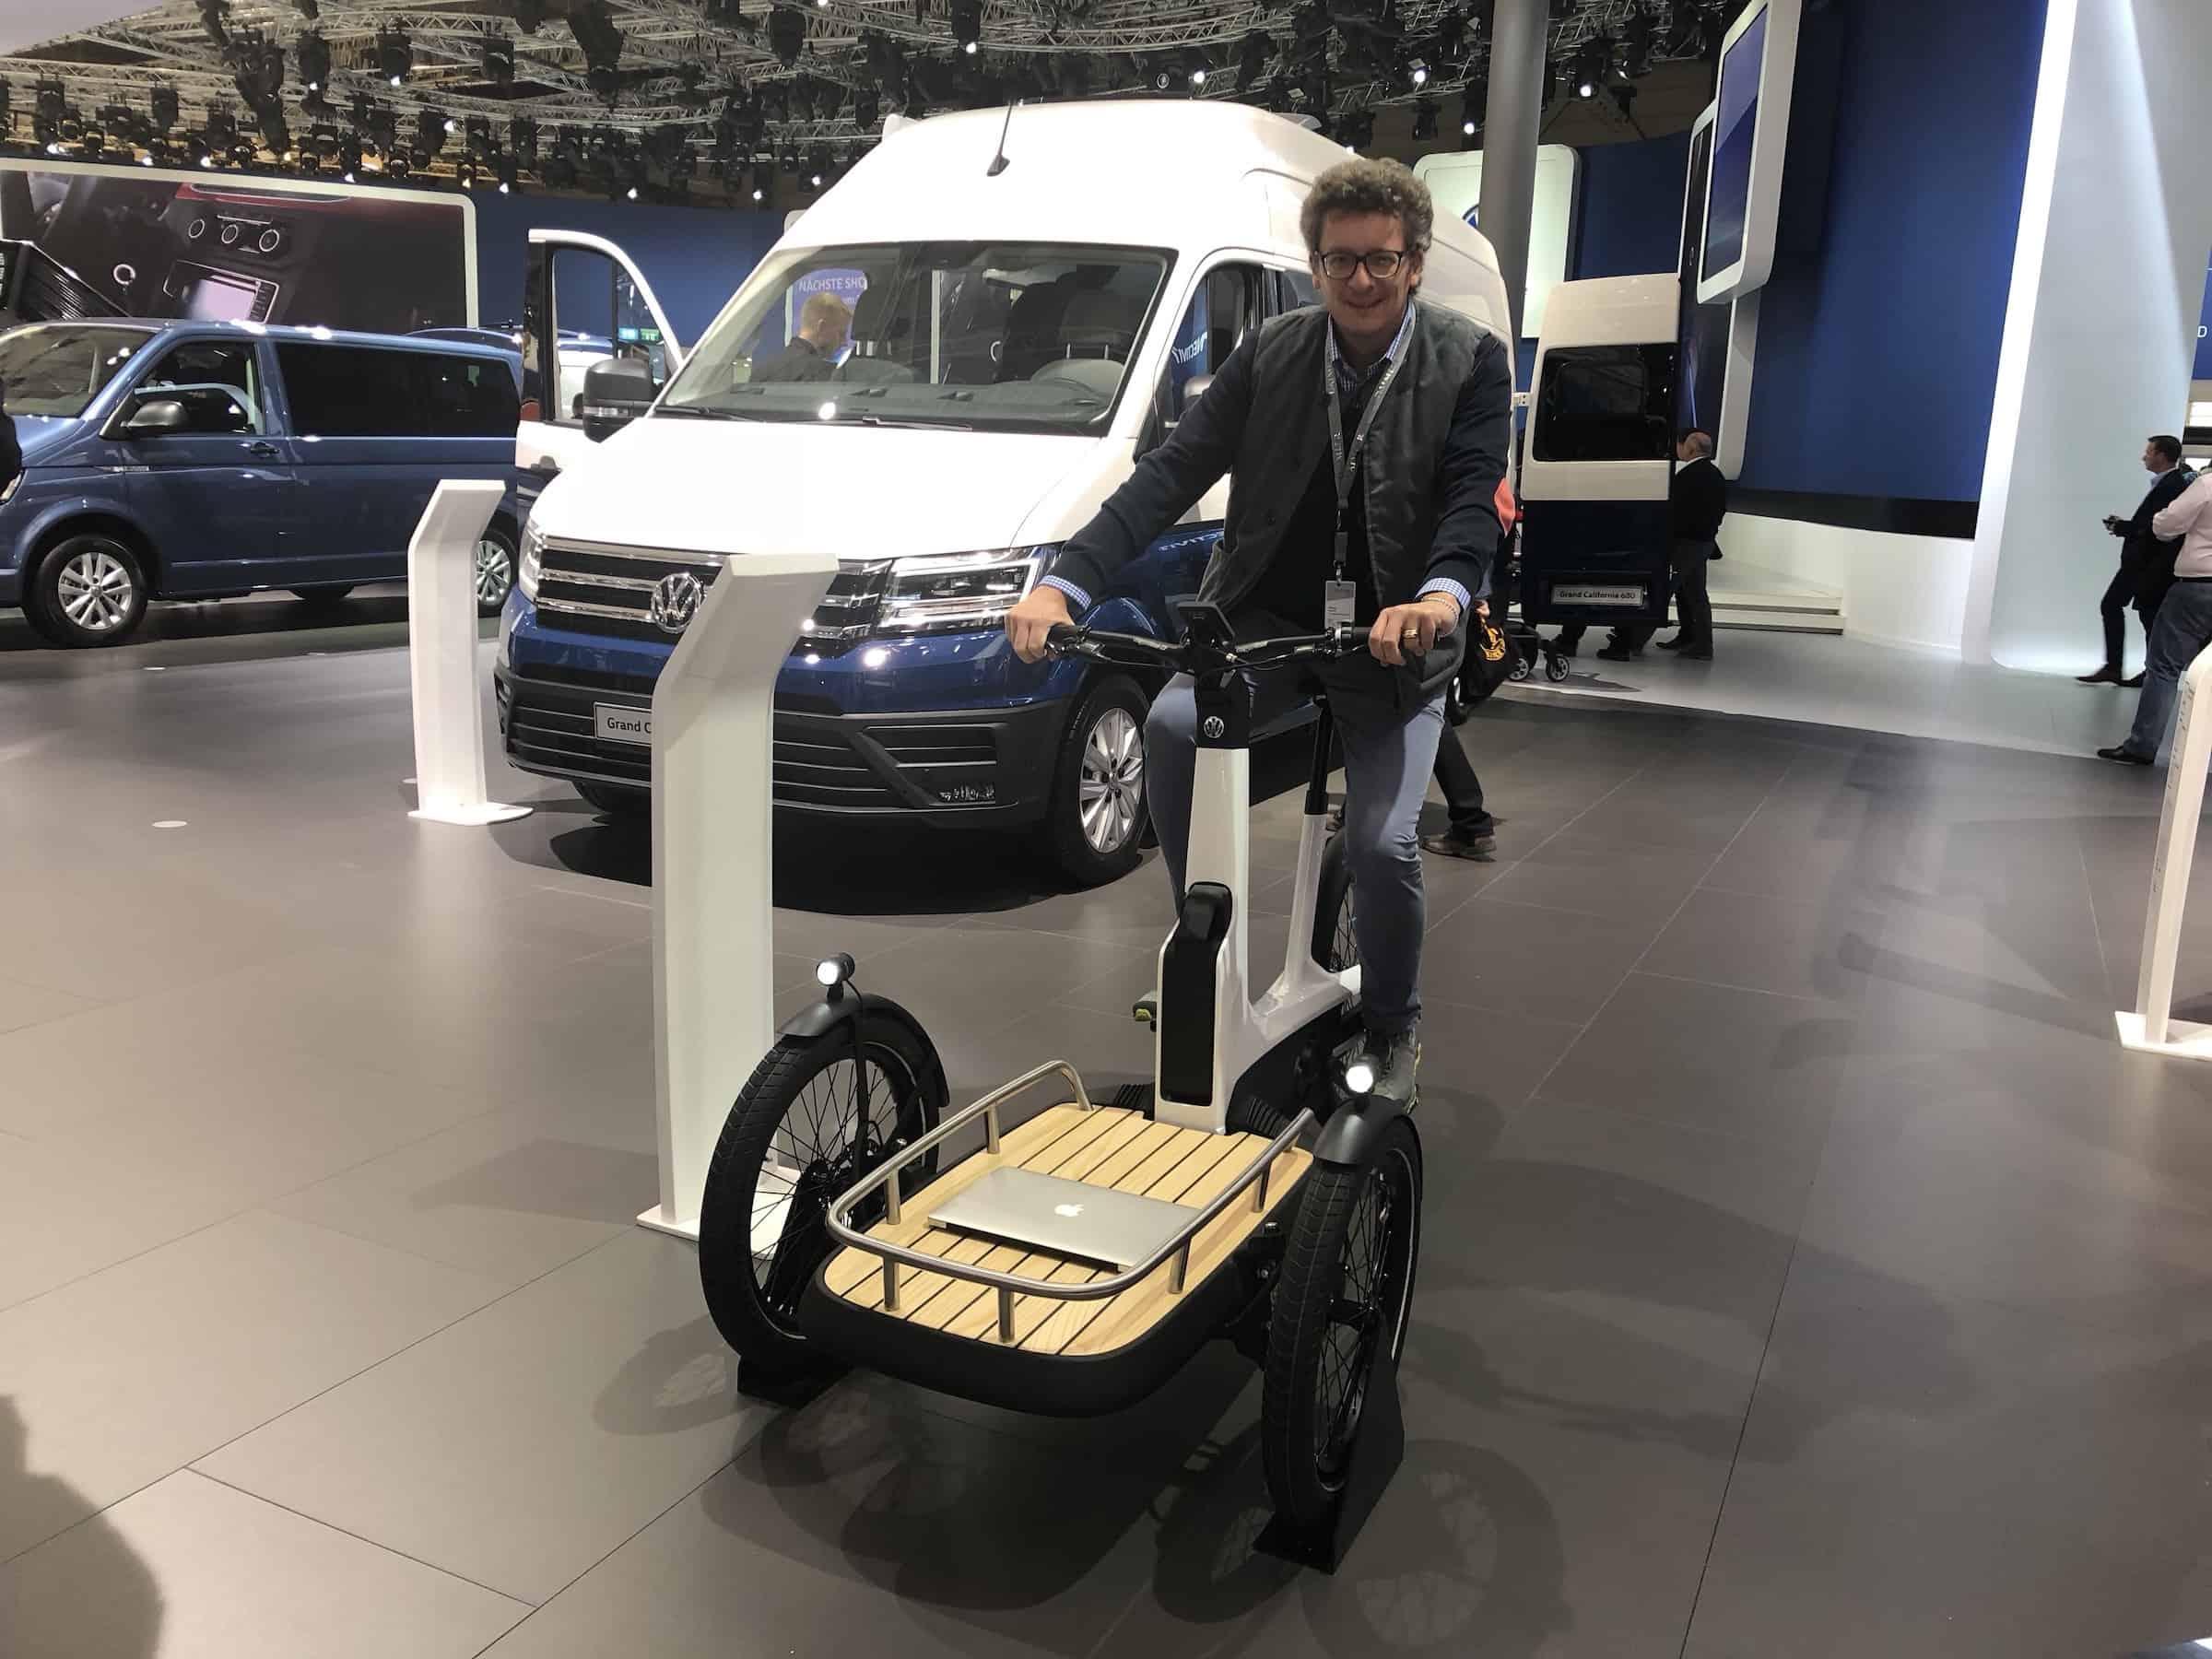 volkswagen cargo e bike vorgestellt e mobilit t blog. Black Bedroom Furniture Sets. Home Design Ideas